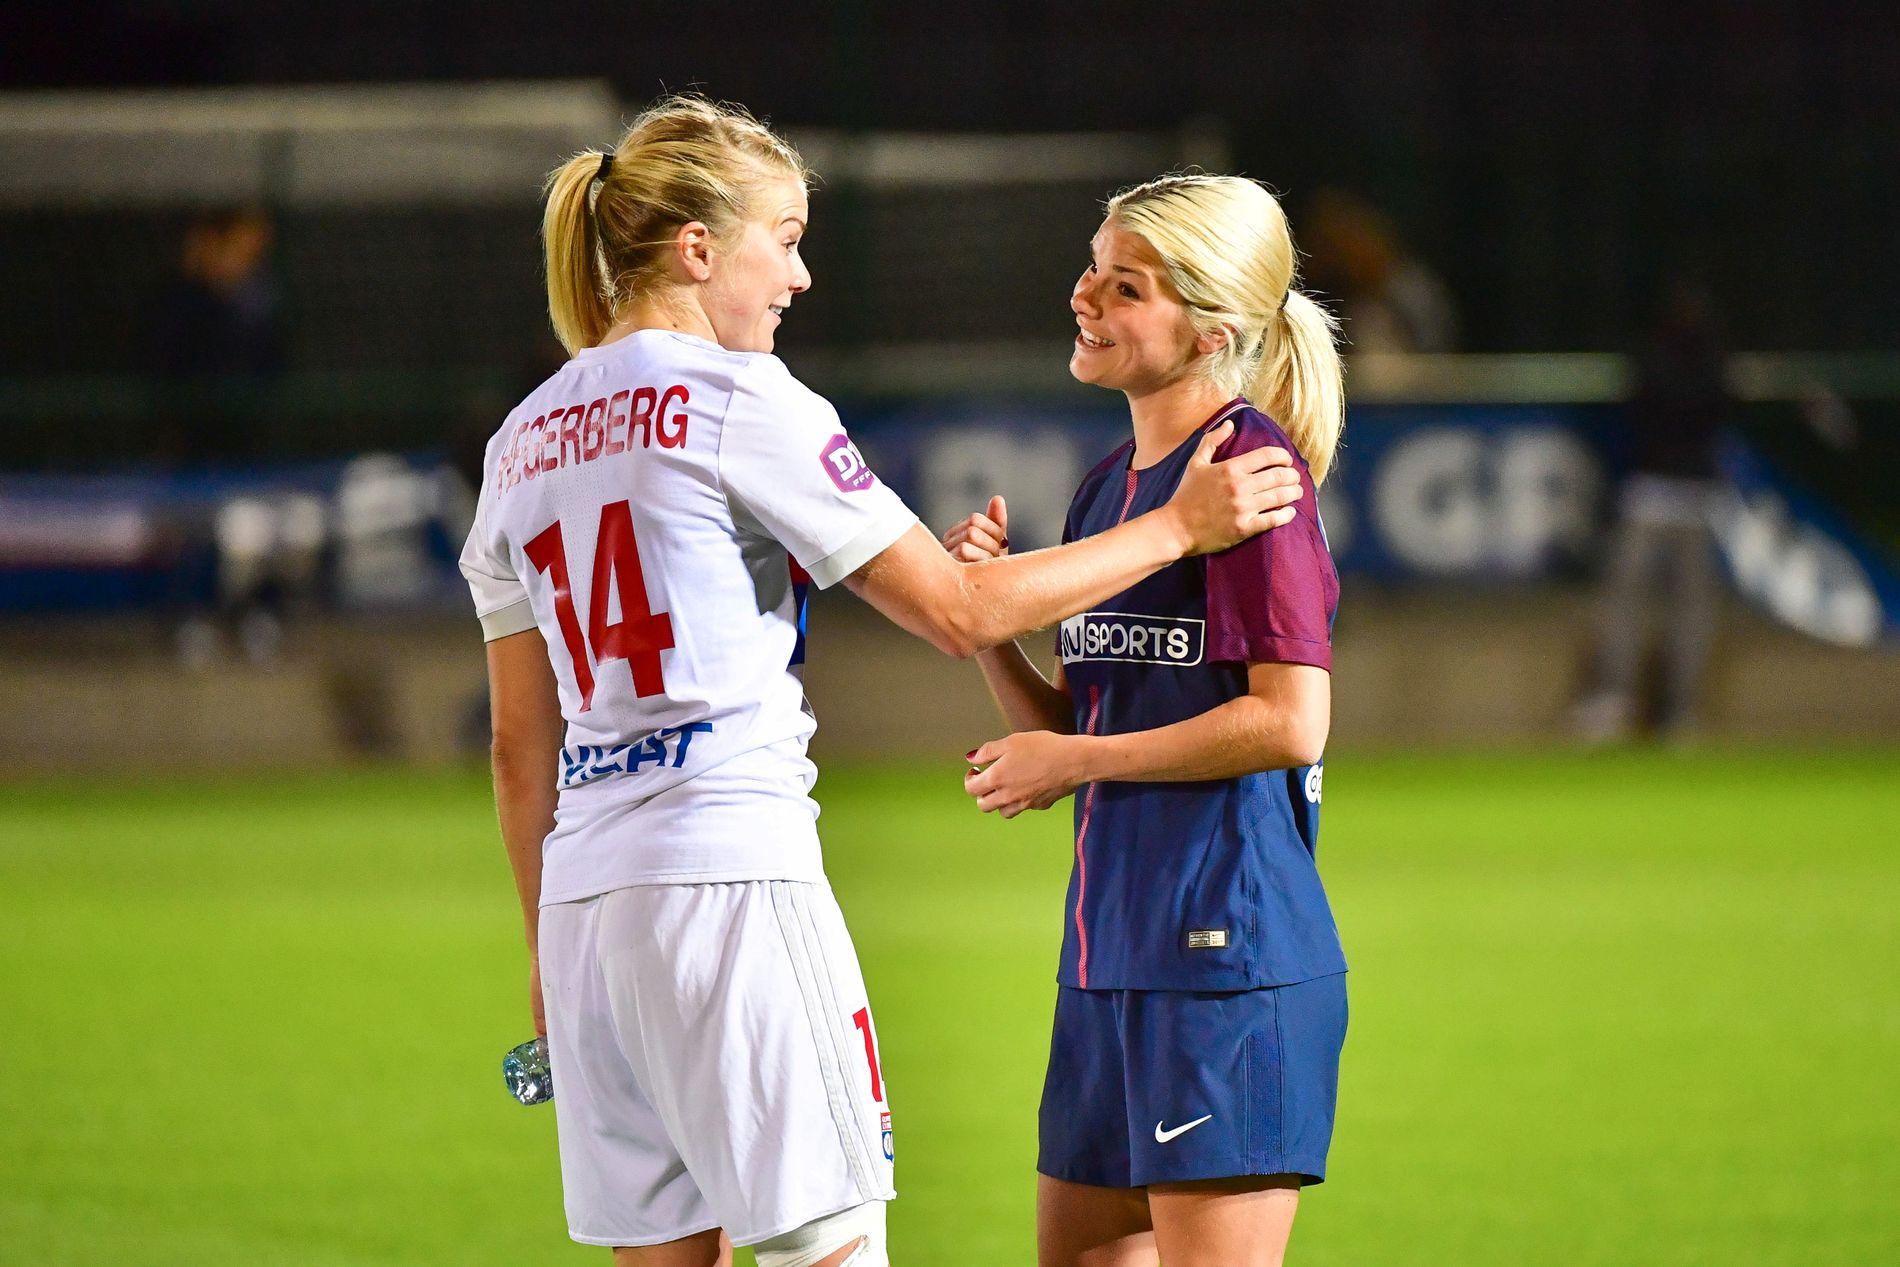 INGEN DUELL: Cupfinalen skulle bli en norsk duell, men Andrine Hegerberg (til høyre) ble på benken hos PSG. Her fra seriemøtet for et par uker siden, da Andrine kom inn mot slutten av kampen.